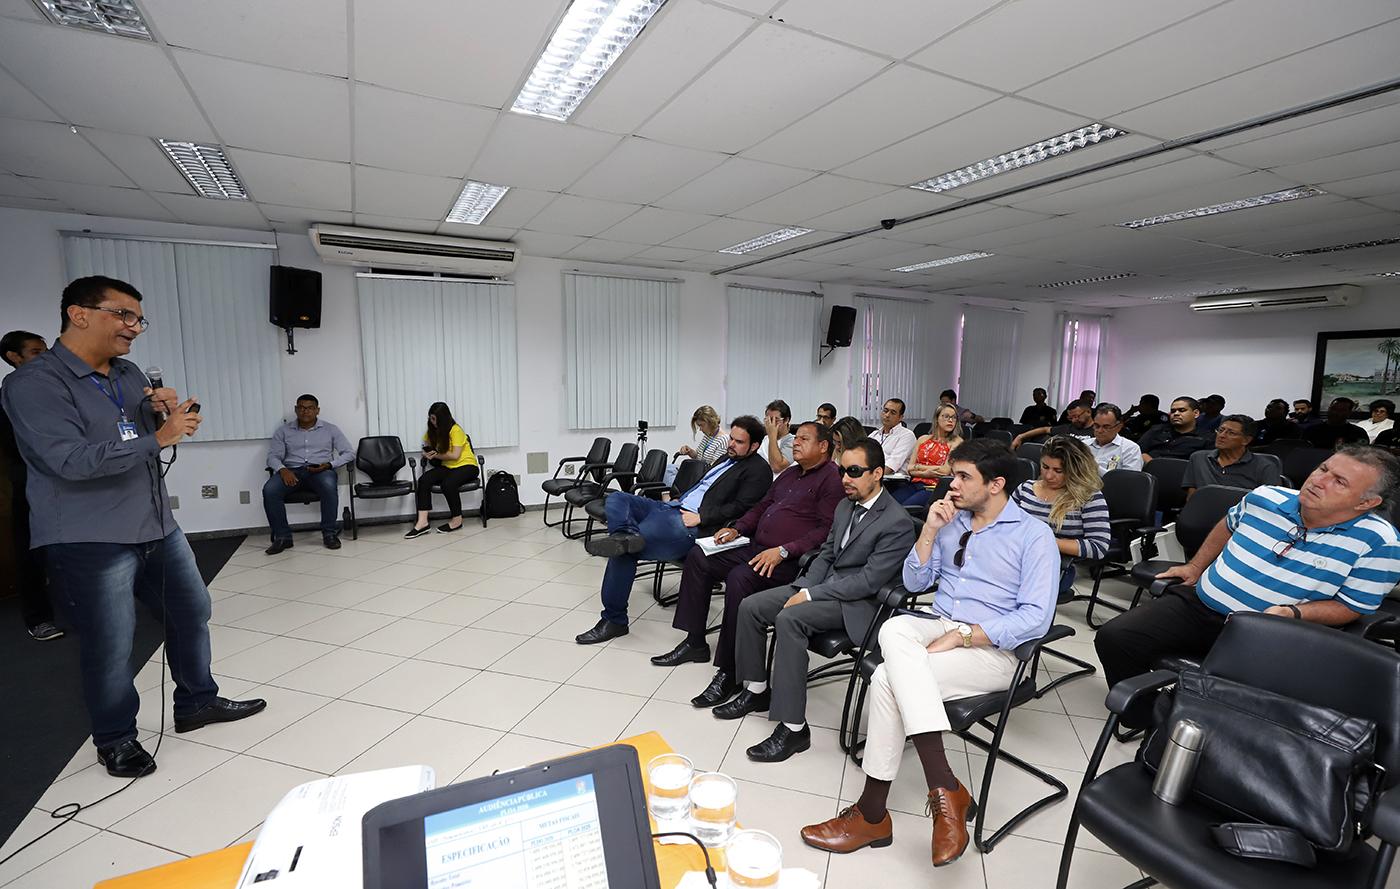 #PraTodoMundoVer Foto no auditório da Prefeitura. Homem em pé à esquerda falando ao microfone. À direita, pessoas sentadas olhando para ele (Fotos: Marcelle Cristinne)